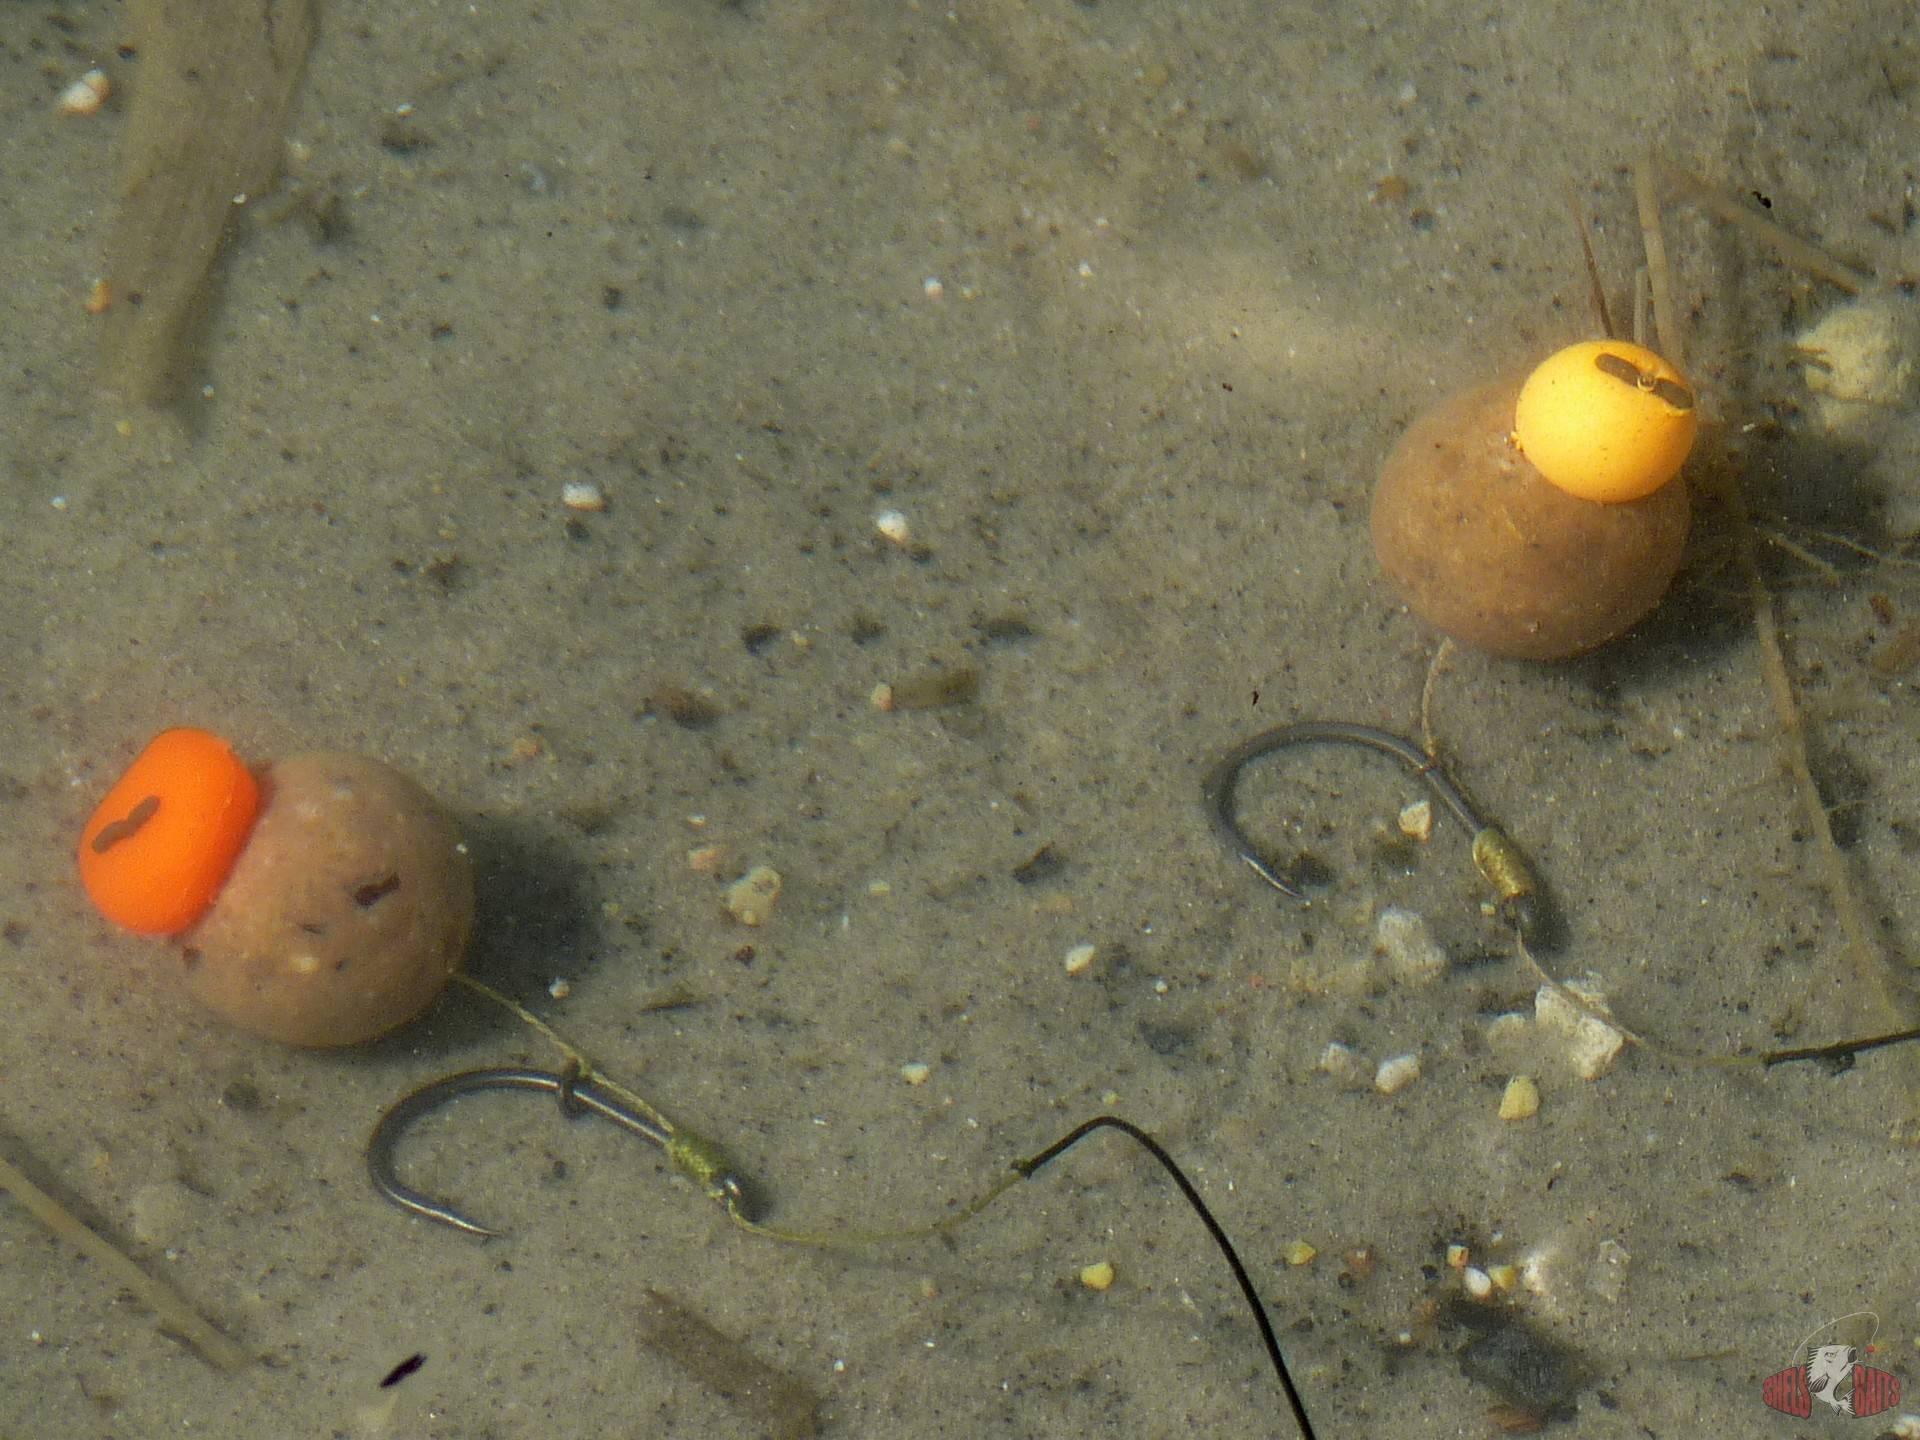 Лучшая снасть для ловли карпа: разновидности оснастки, выбор наживки для донки и поплавочной удочки